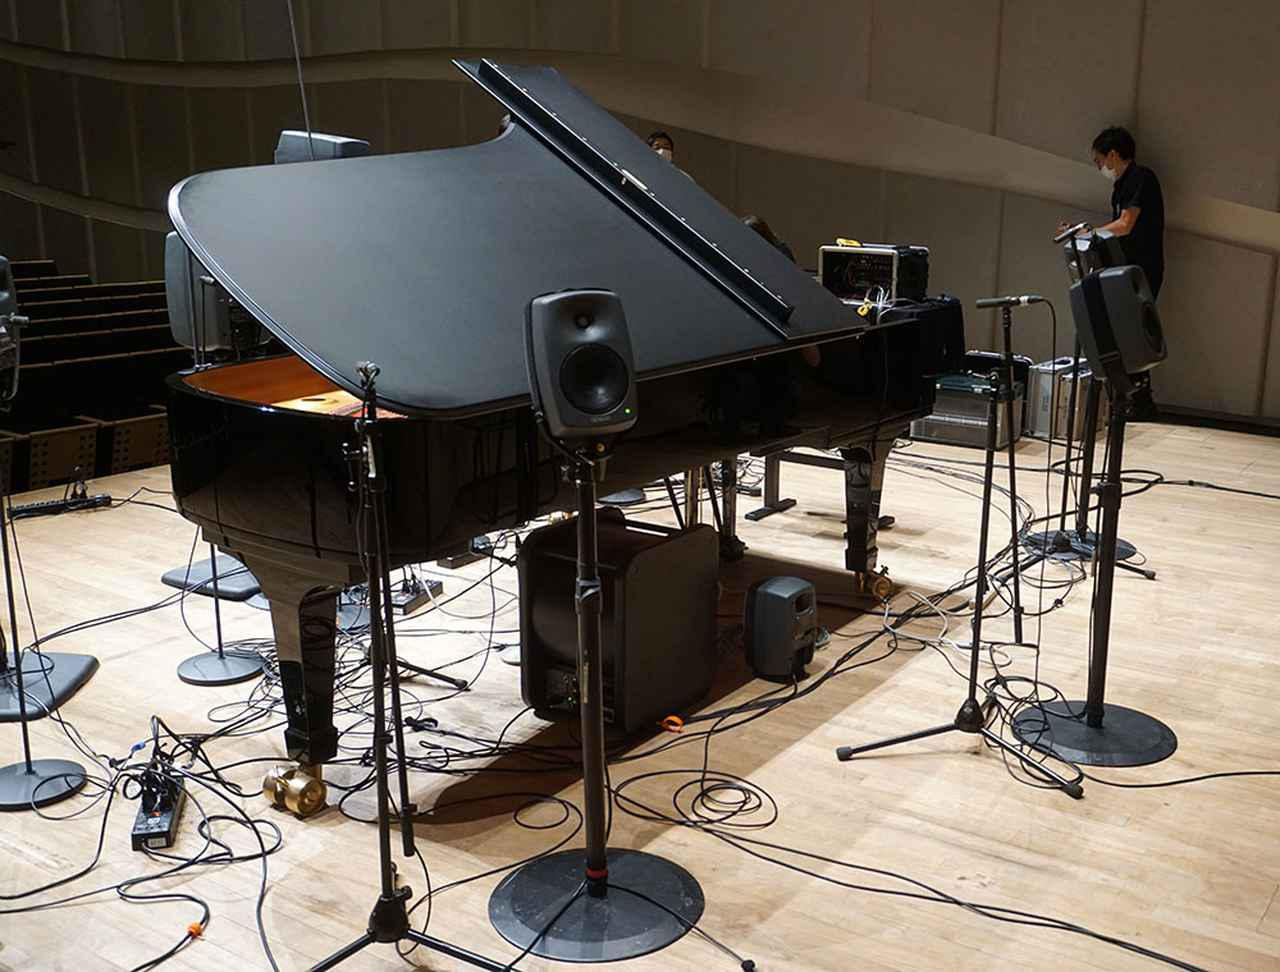 画像: 「プランB」での設置。正面に向けて5台、中央上部とピアノの下に各1台、客席から見てピアノの裏側に3台のスピーカーを並べて、全方向に向けて音を放射している